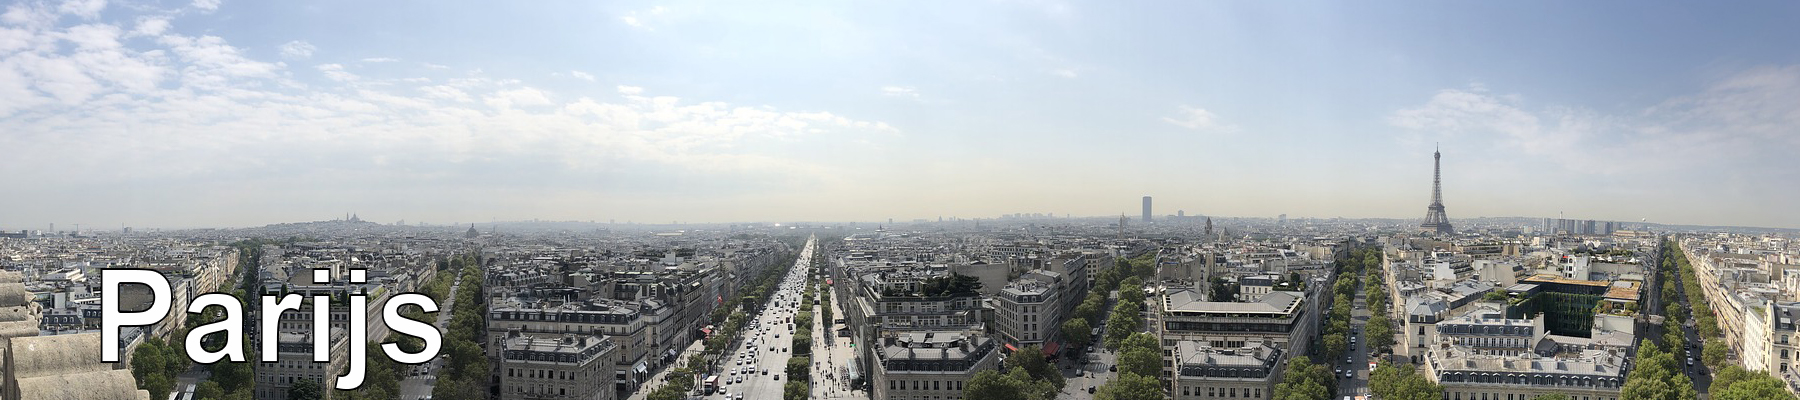 Parijs: Een stad om verliefd op te worden